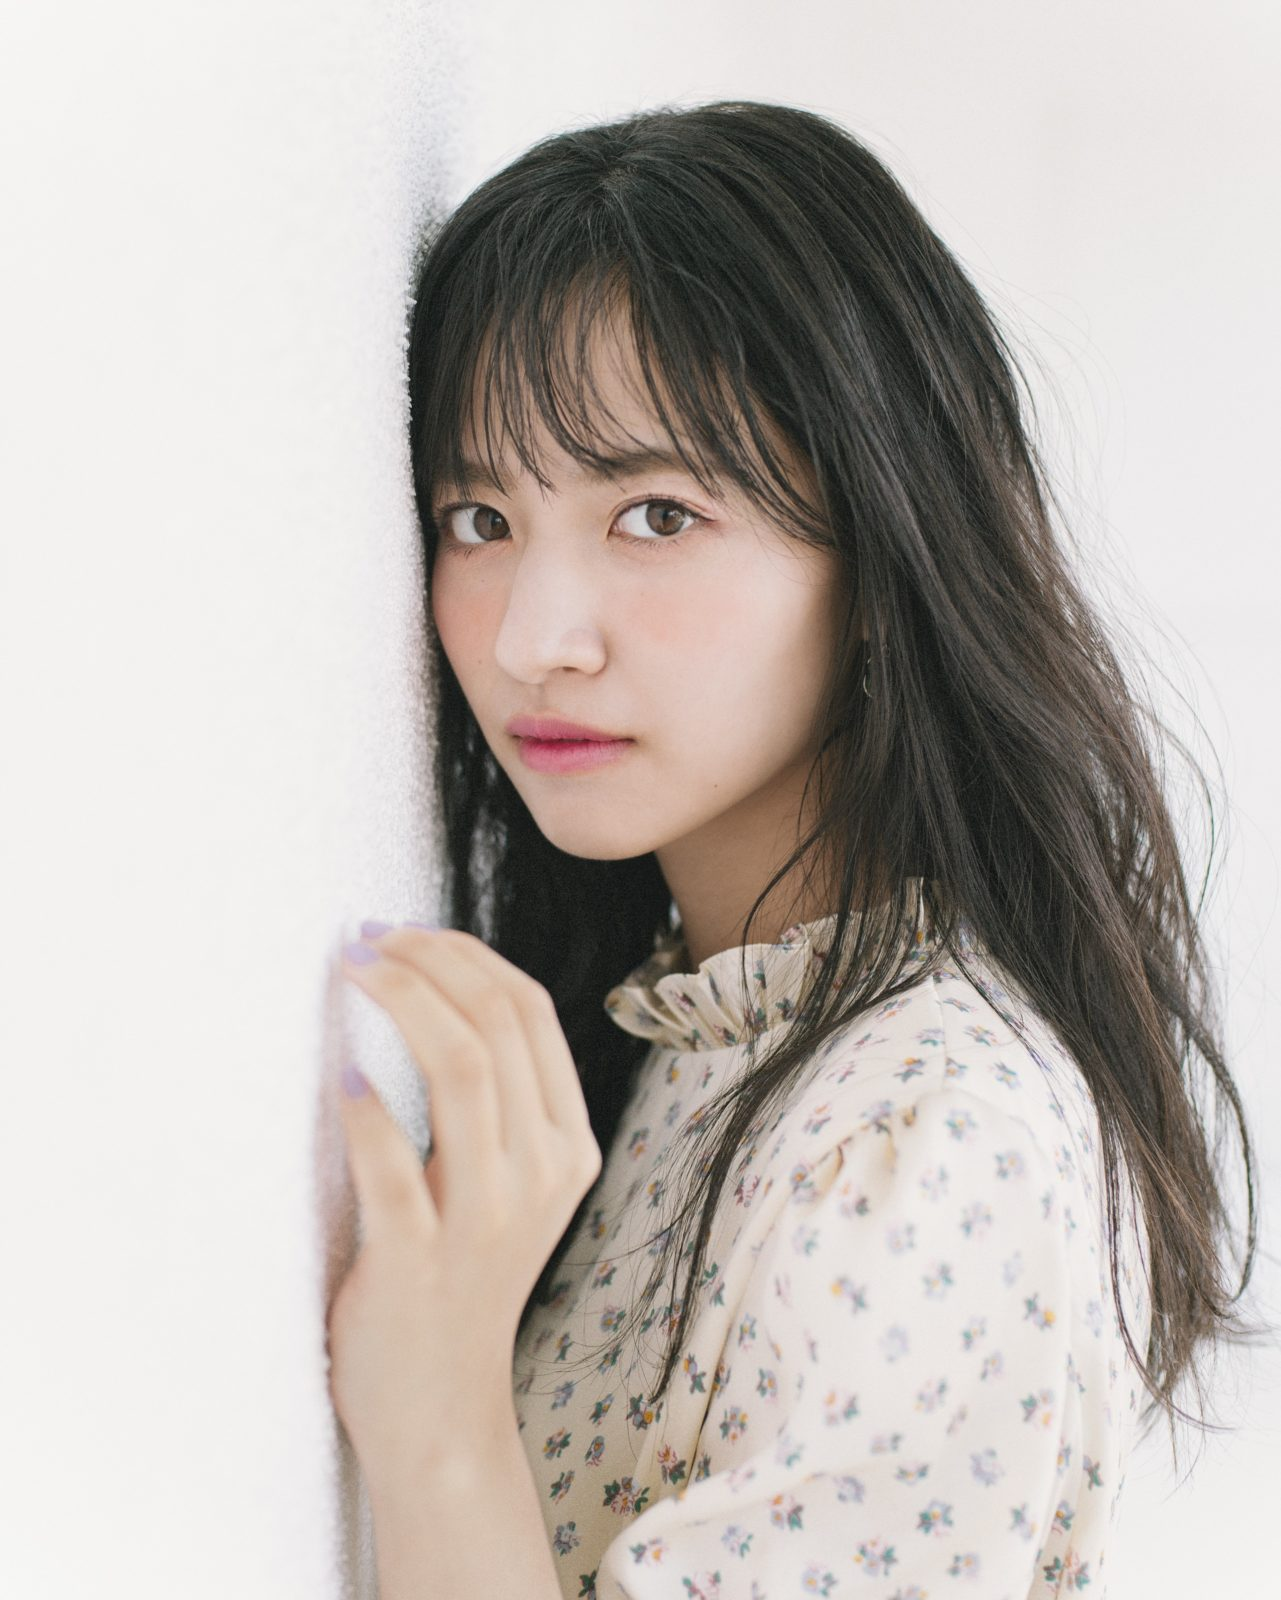 乃木坂46・金川紗耶、透明感あふれる魅力で「Ray」専属モデルにサムネイル画像